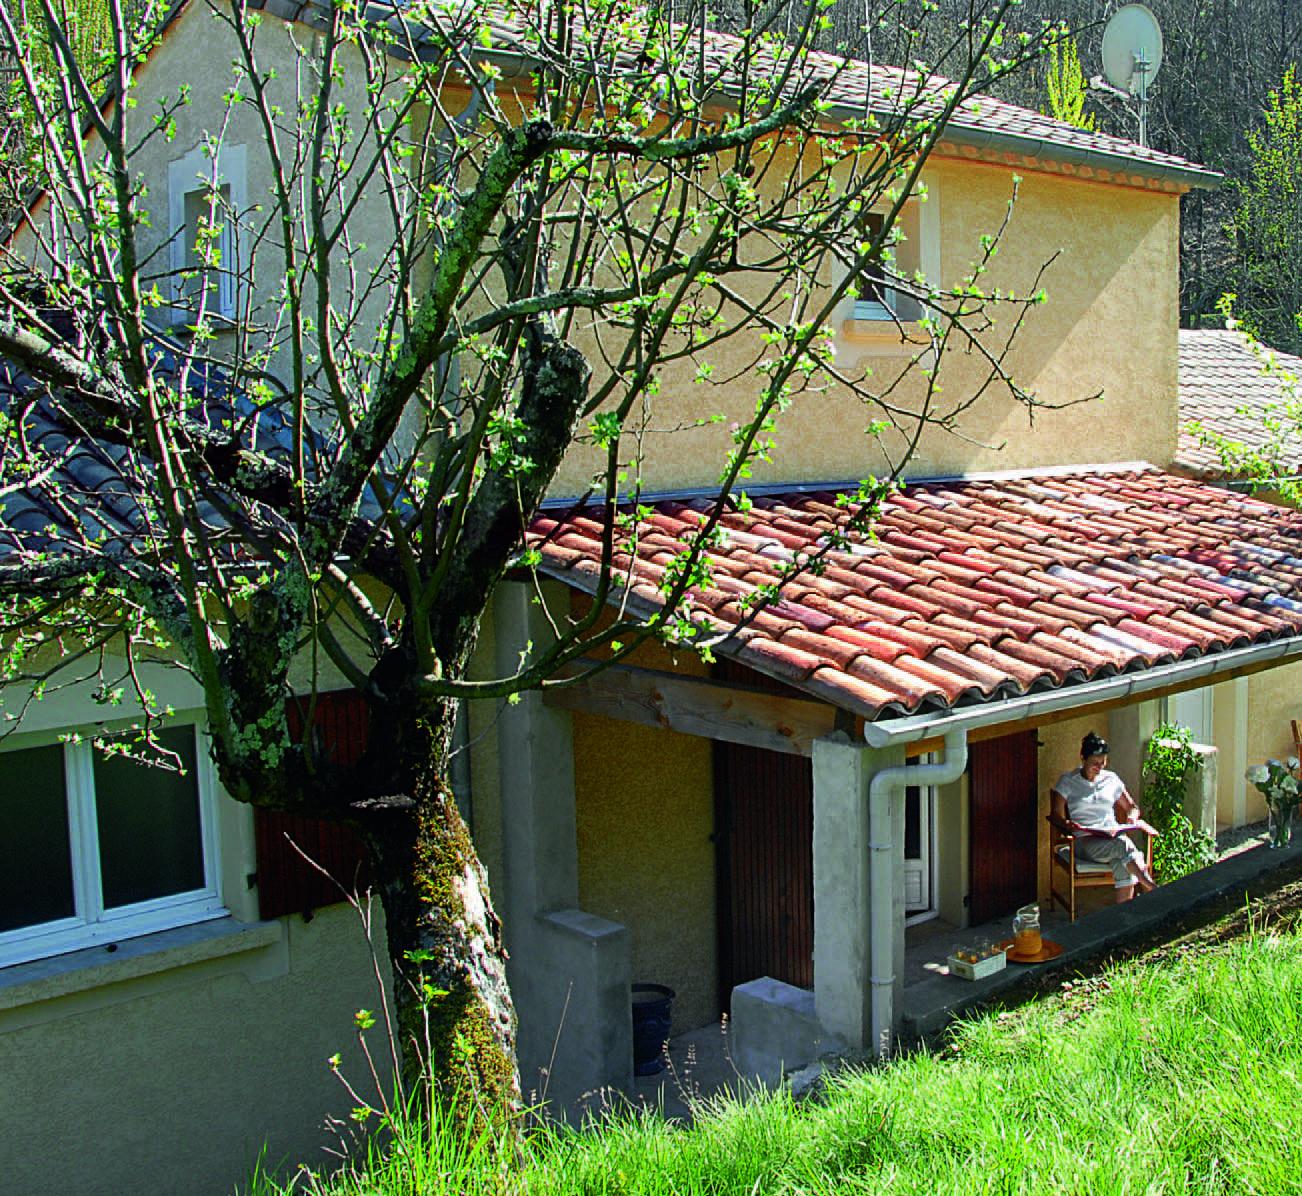 Couvrir Une Terrasse Permis De Construire construire un auvent en bois sur poteaux maçonnés : tutoriel